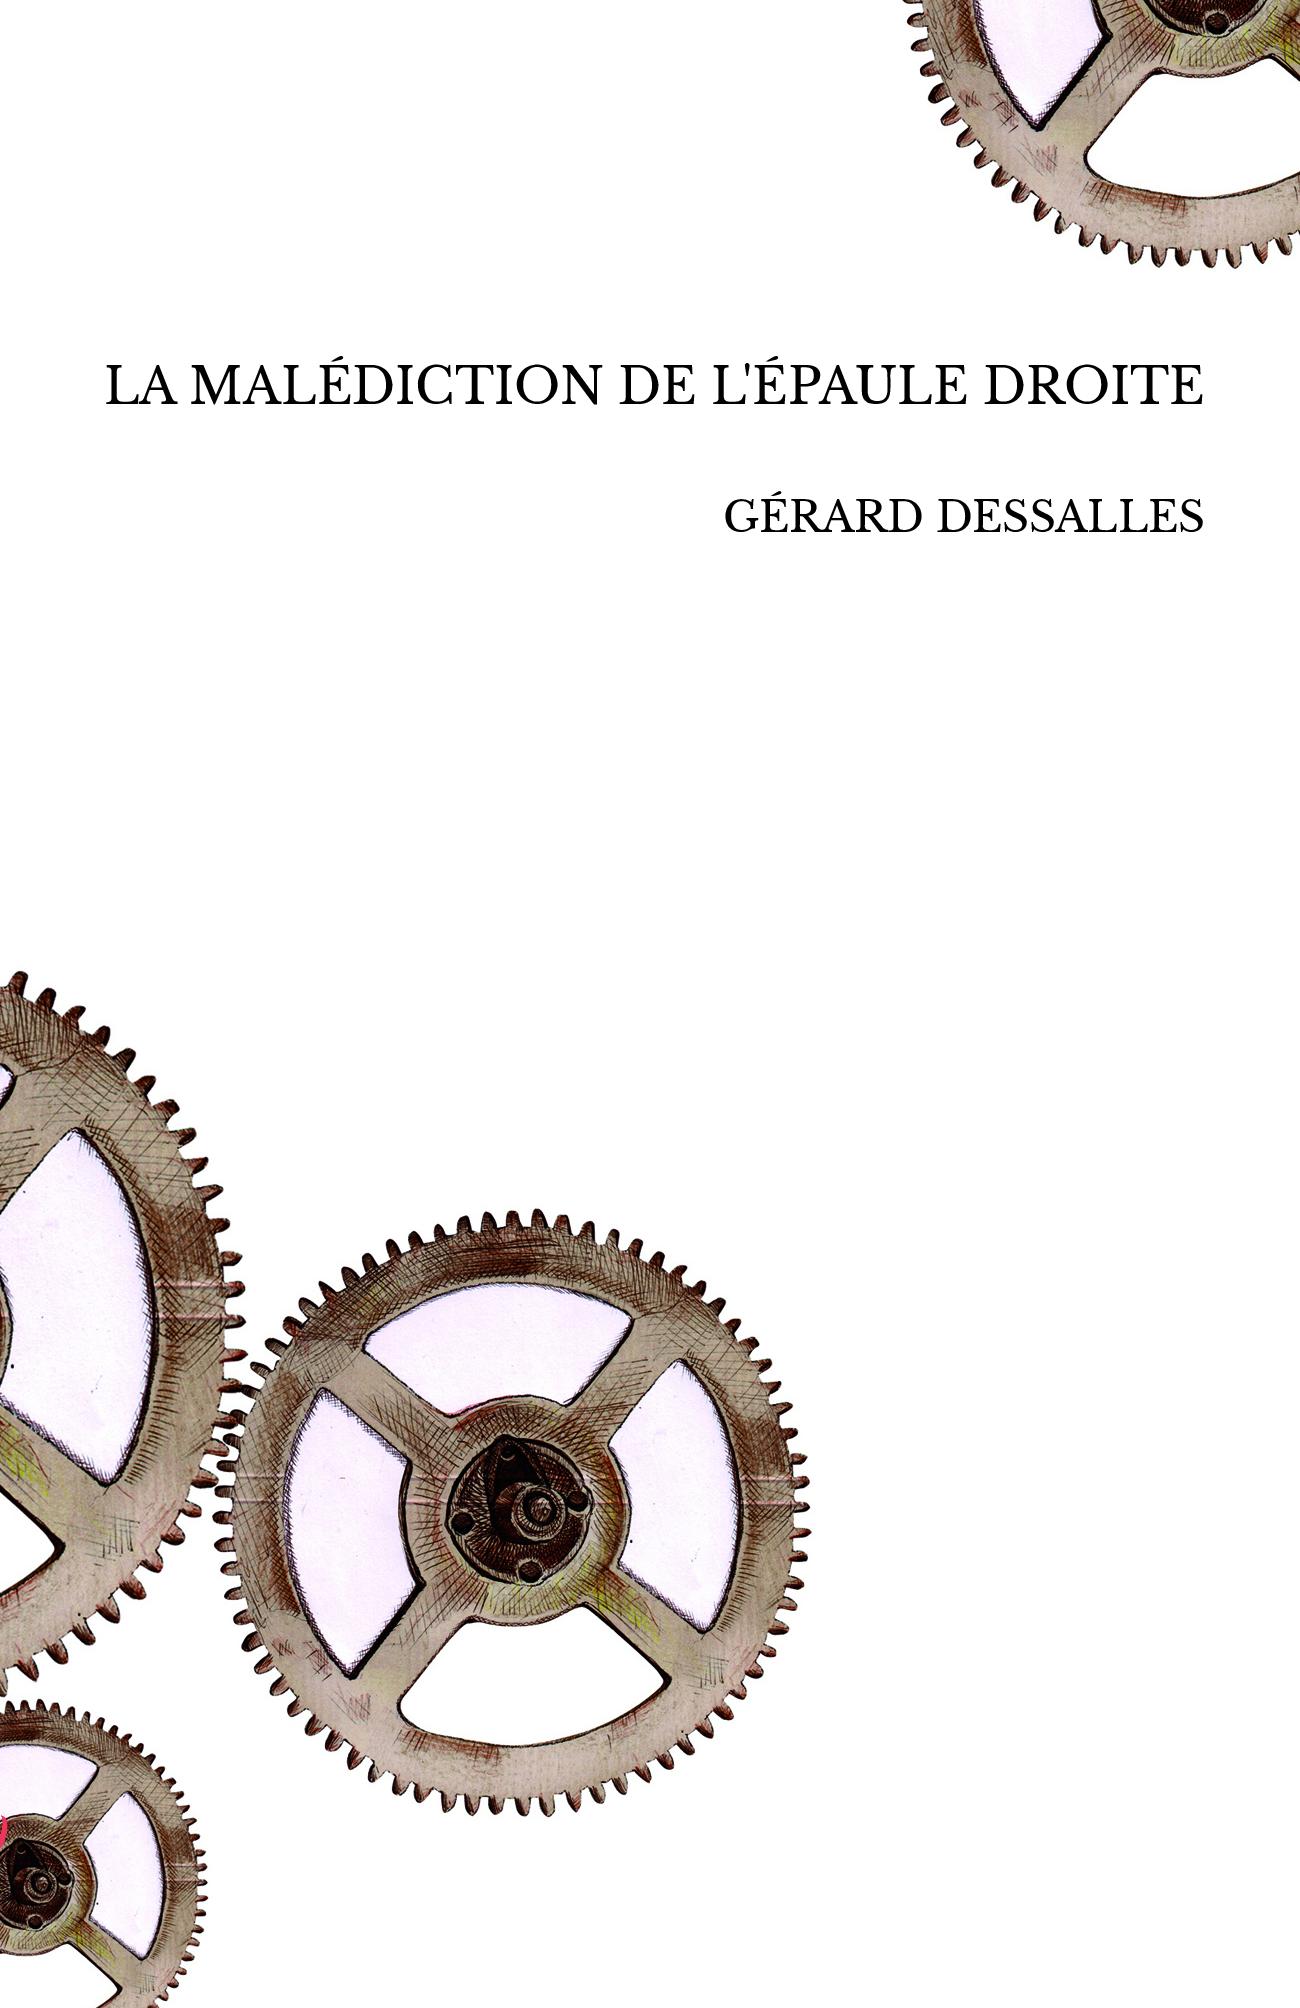 LA MALÉDICTION DE L'ÉPAULE DROITE